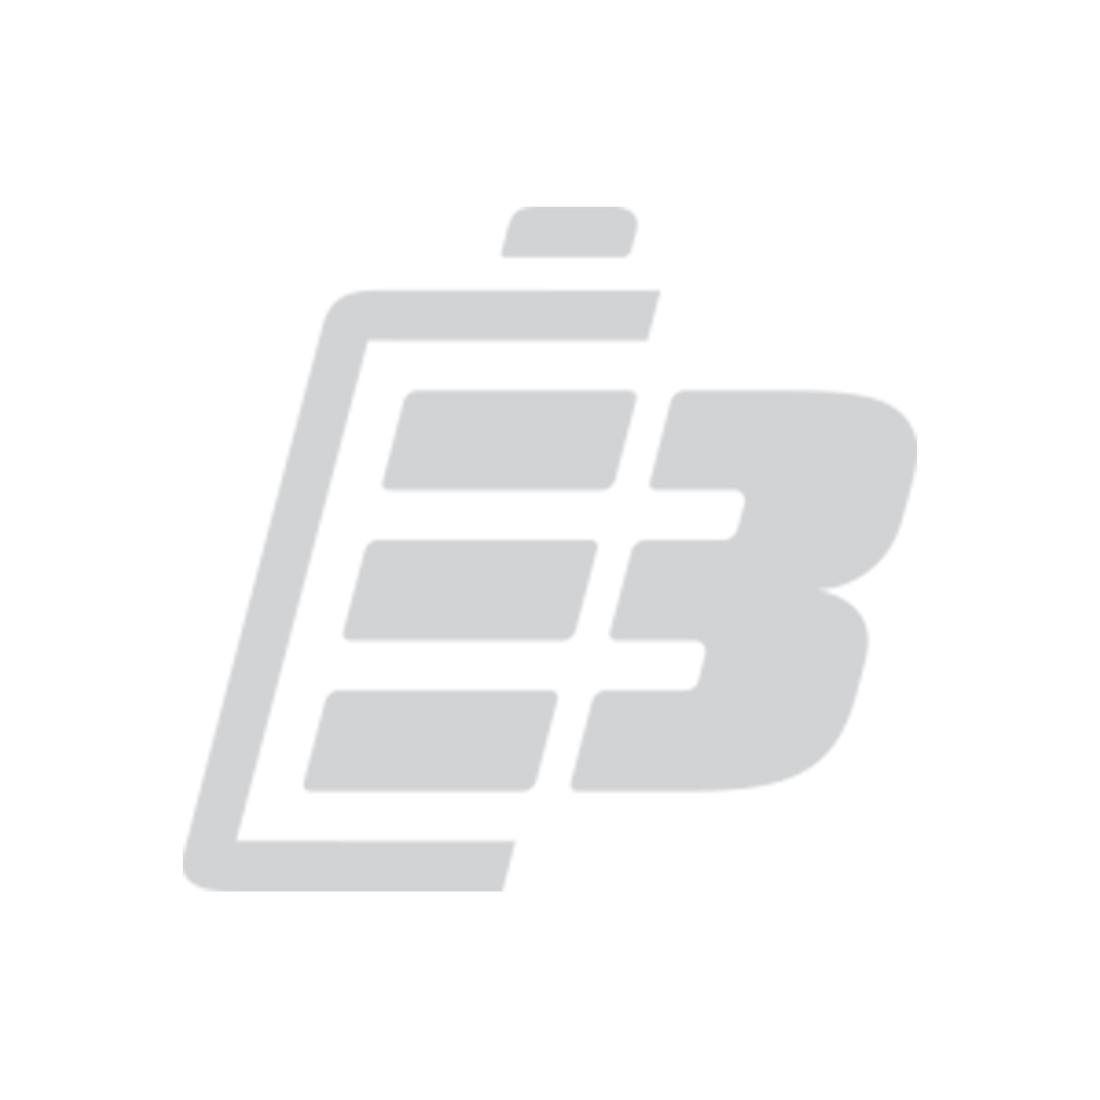 Tablet battery Lenovo IdeaPad S6000_1